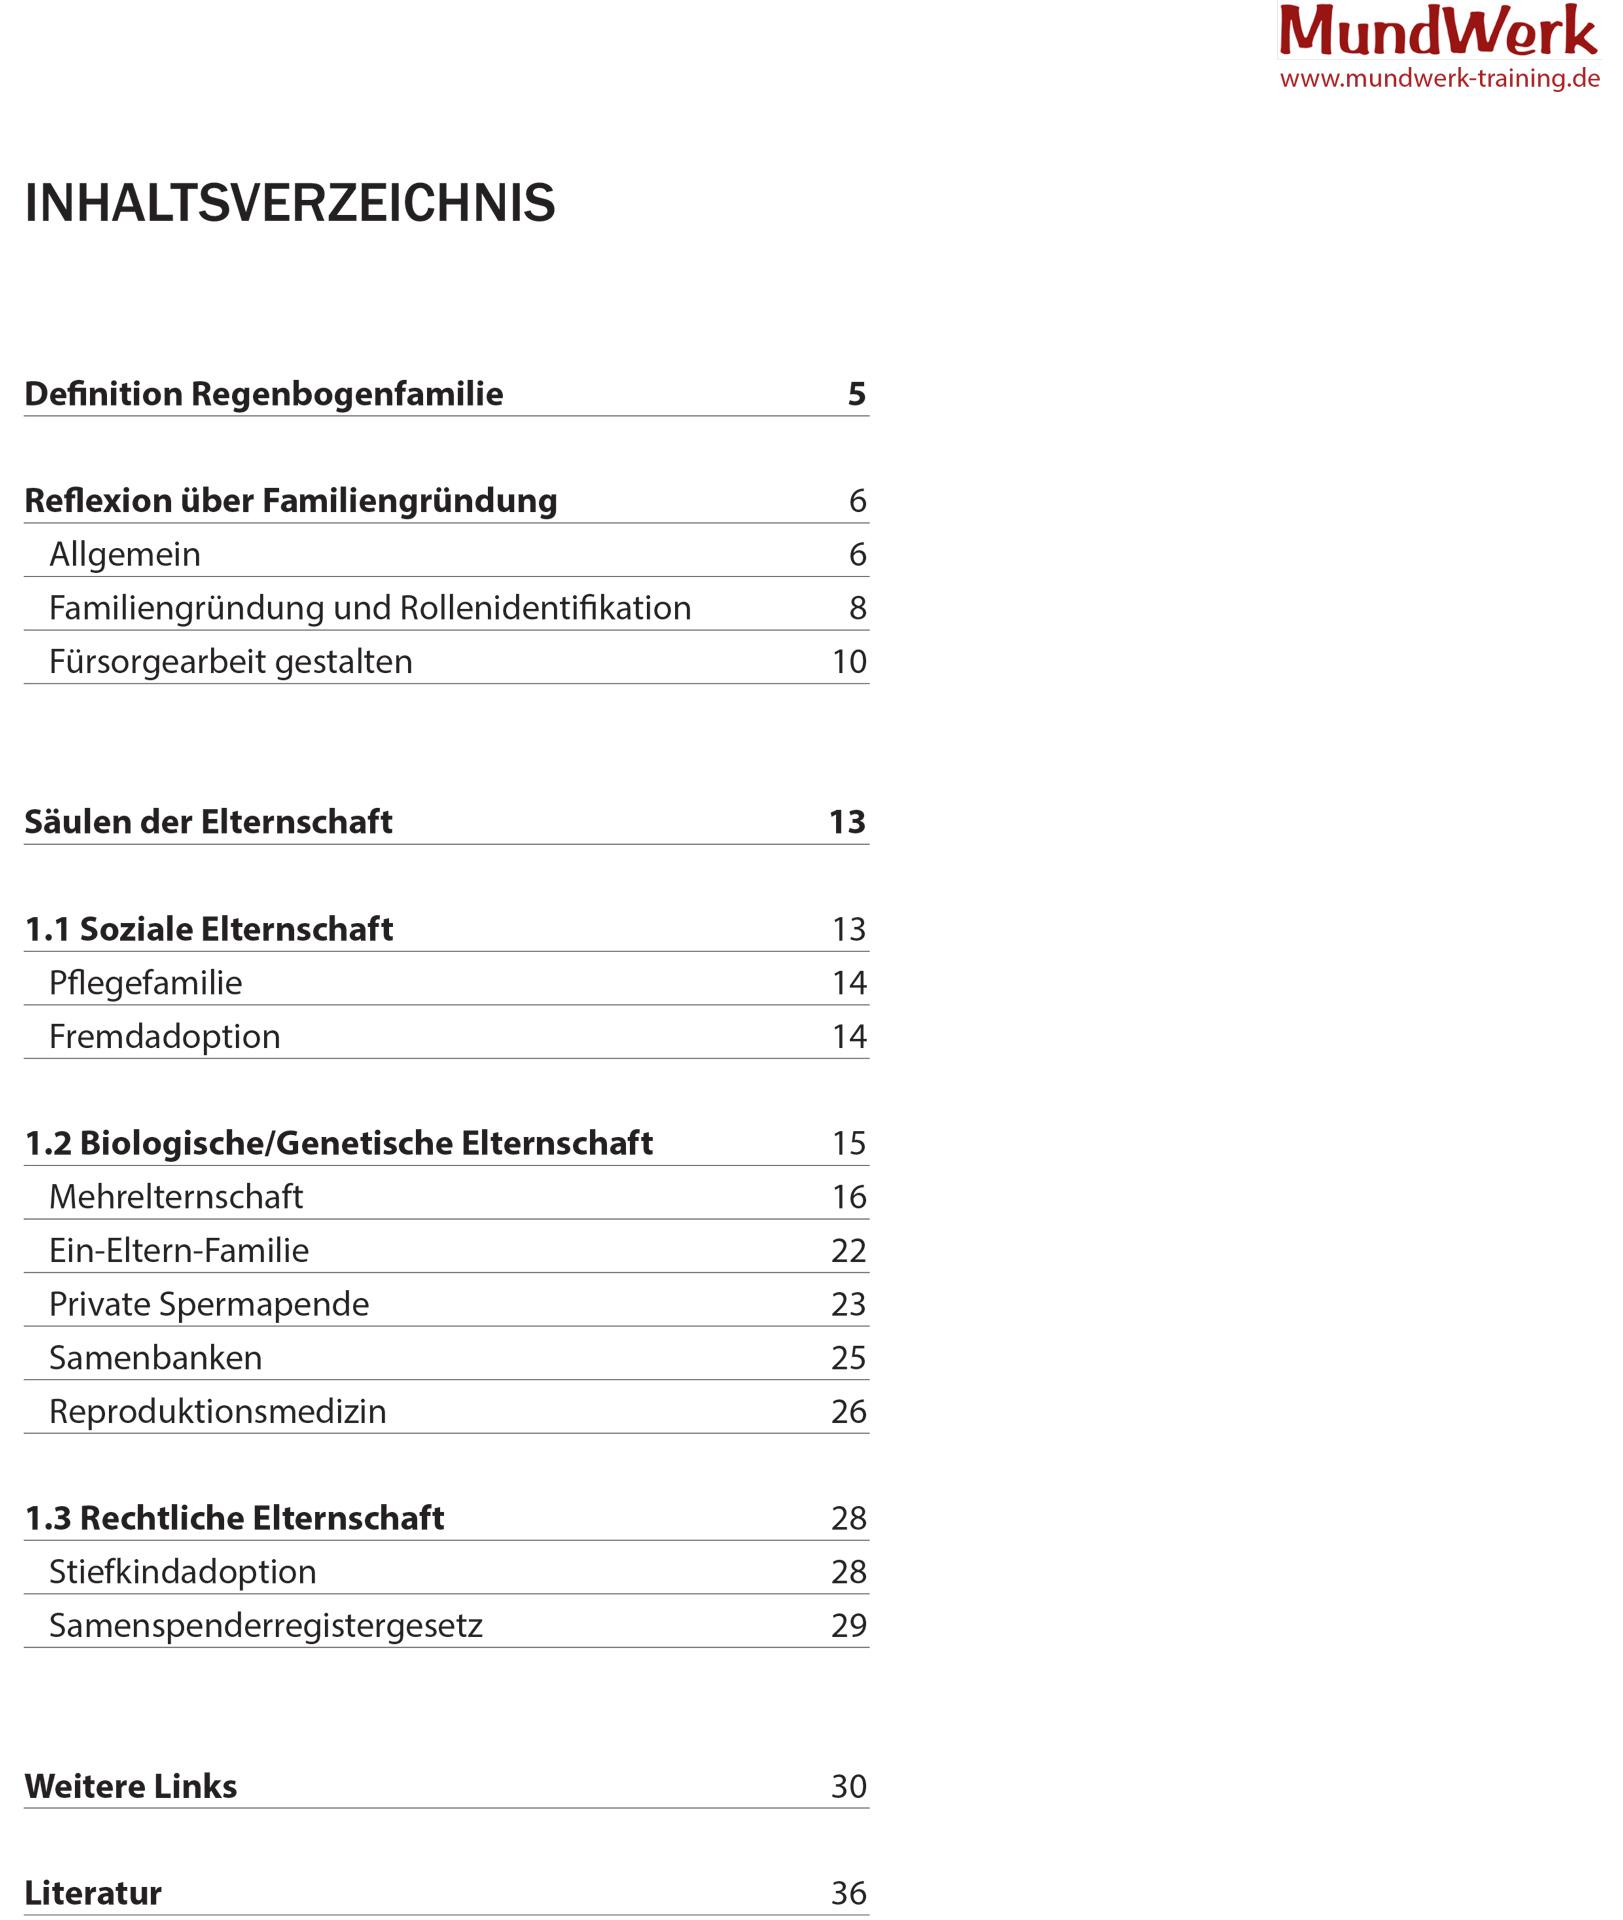 Workbook: Inhaltsverzeichnis